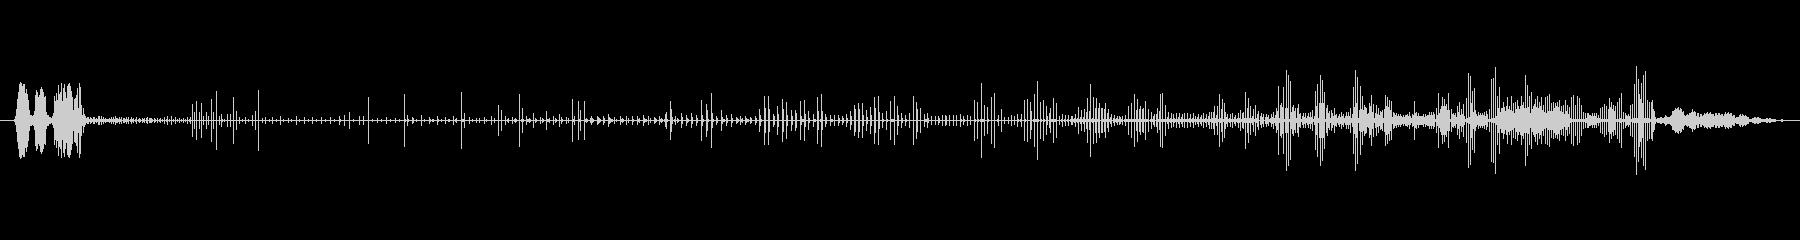 ノイズ オーガニックグリッチライザー02の未再生の波形